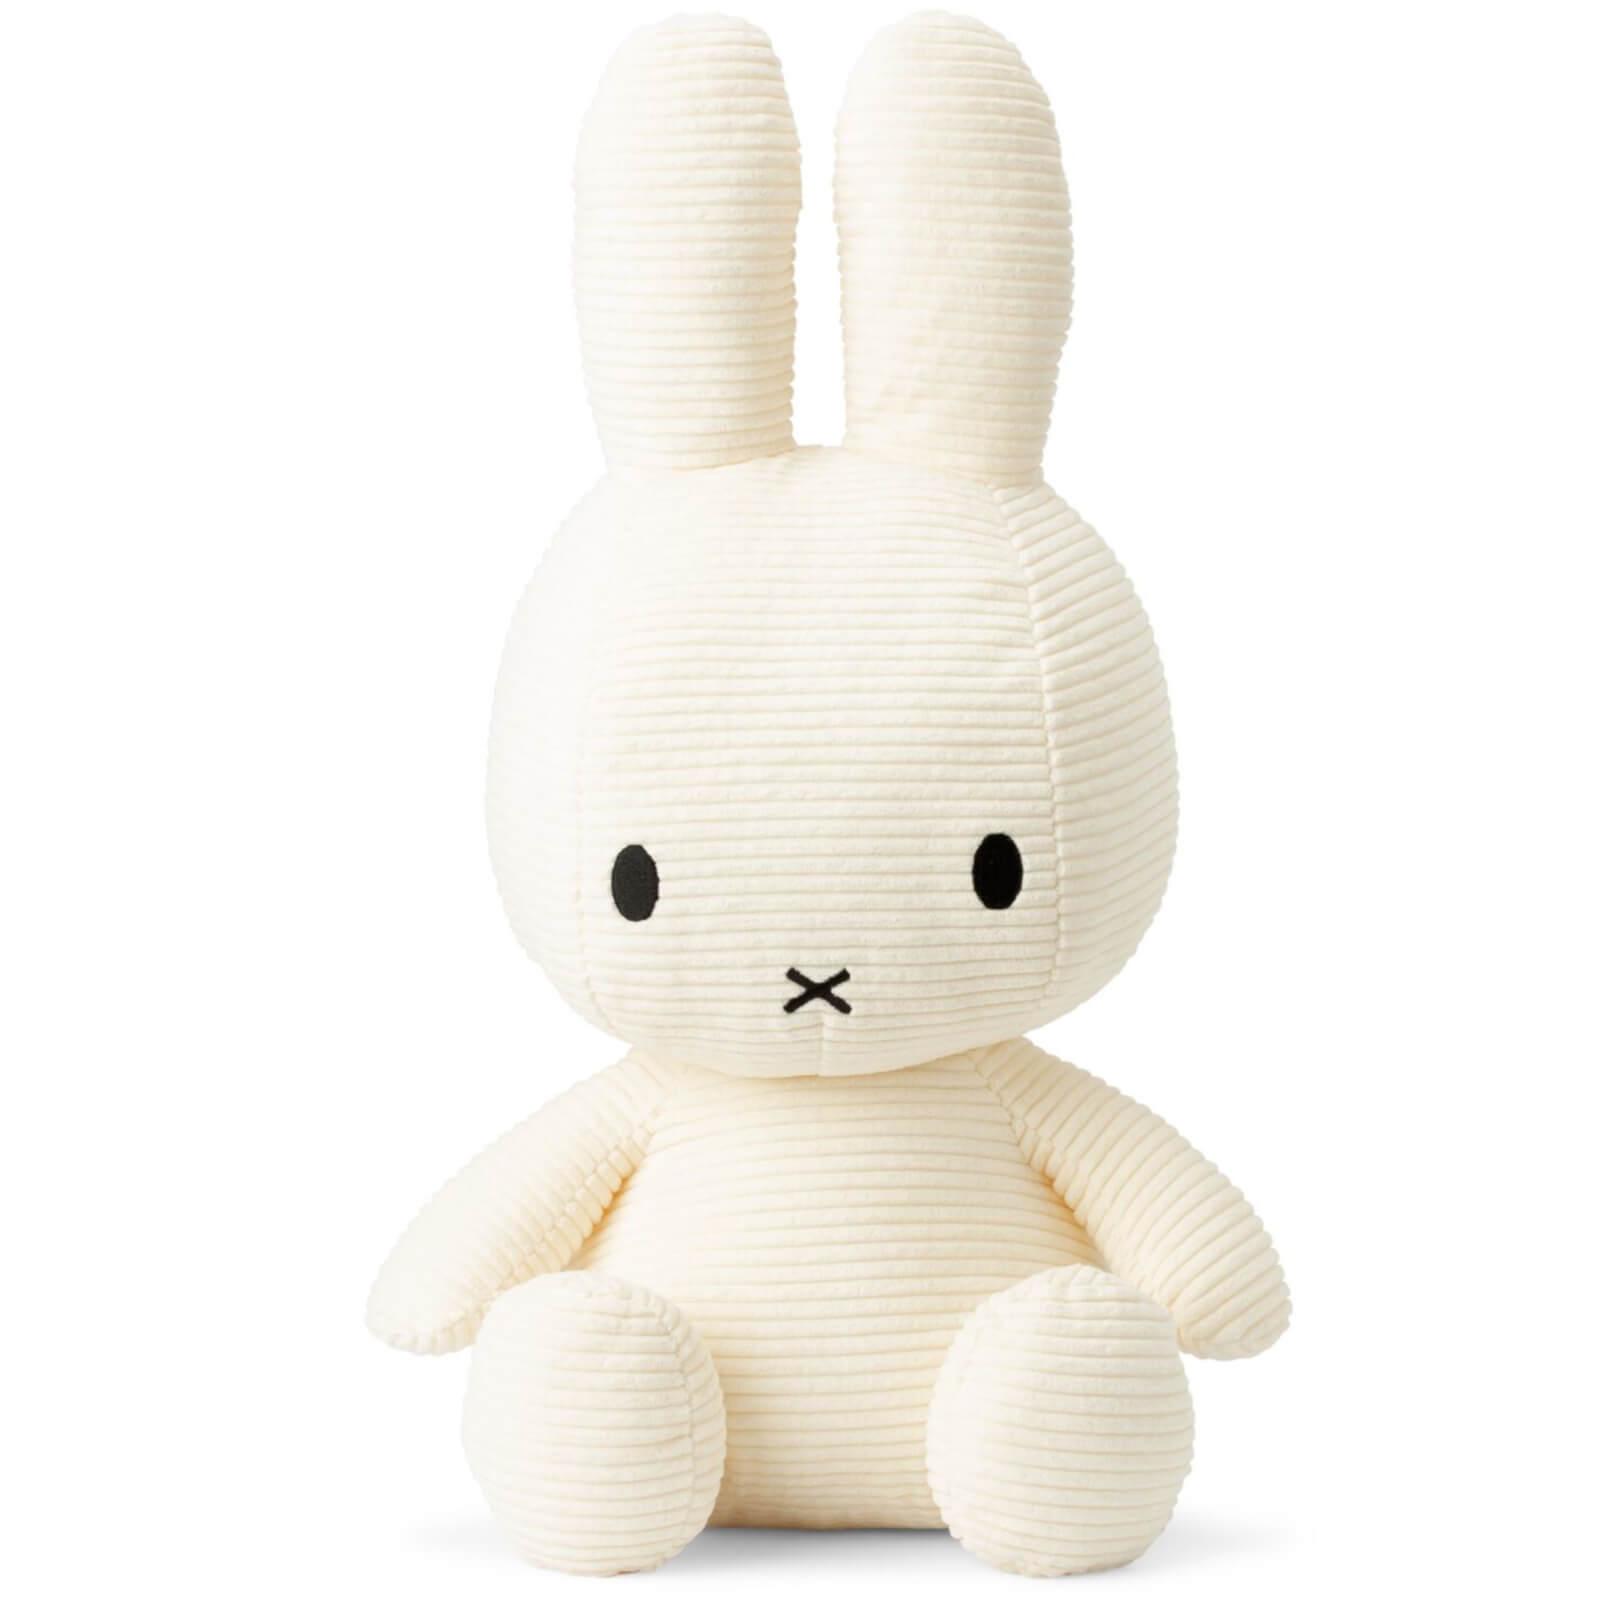 Miffy Sitting Corduroy 50cm Soft Toy - Off White